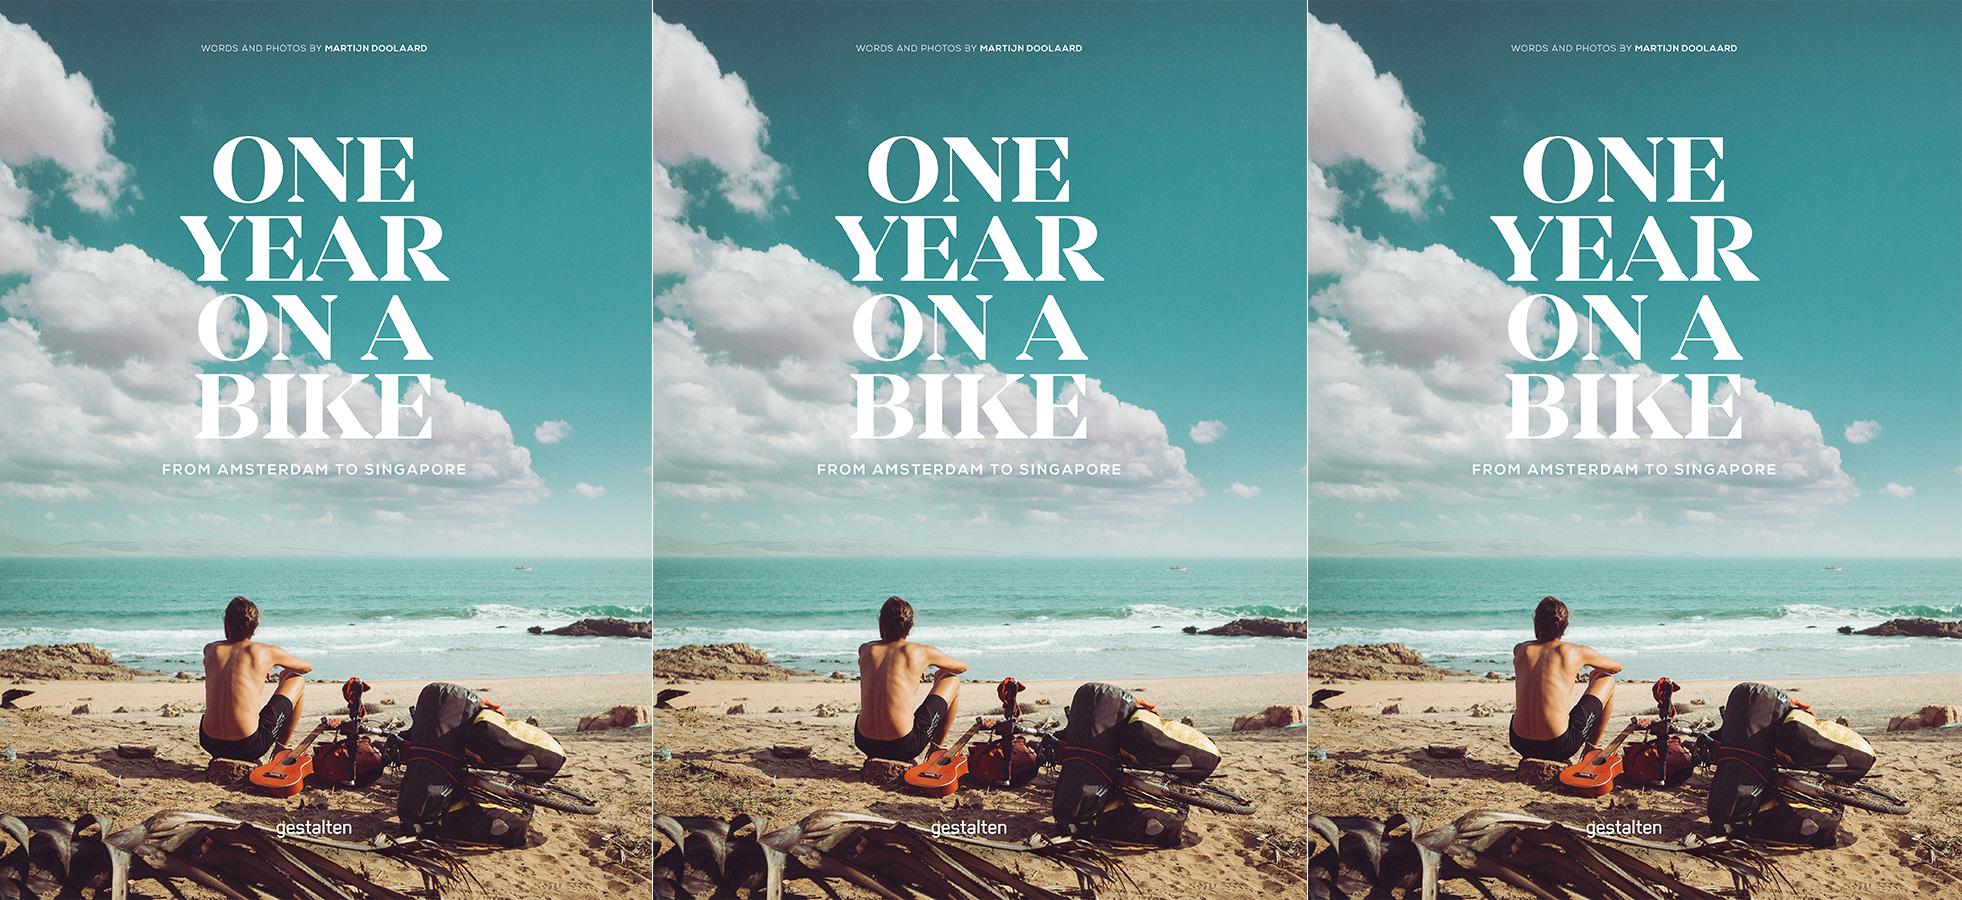 One-Year-On-A-Bike-Gestalten-Verlag-Cover